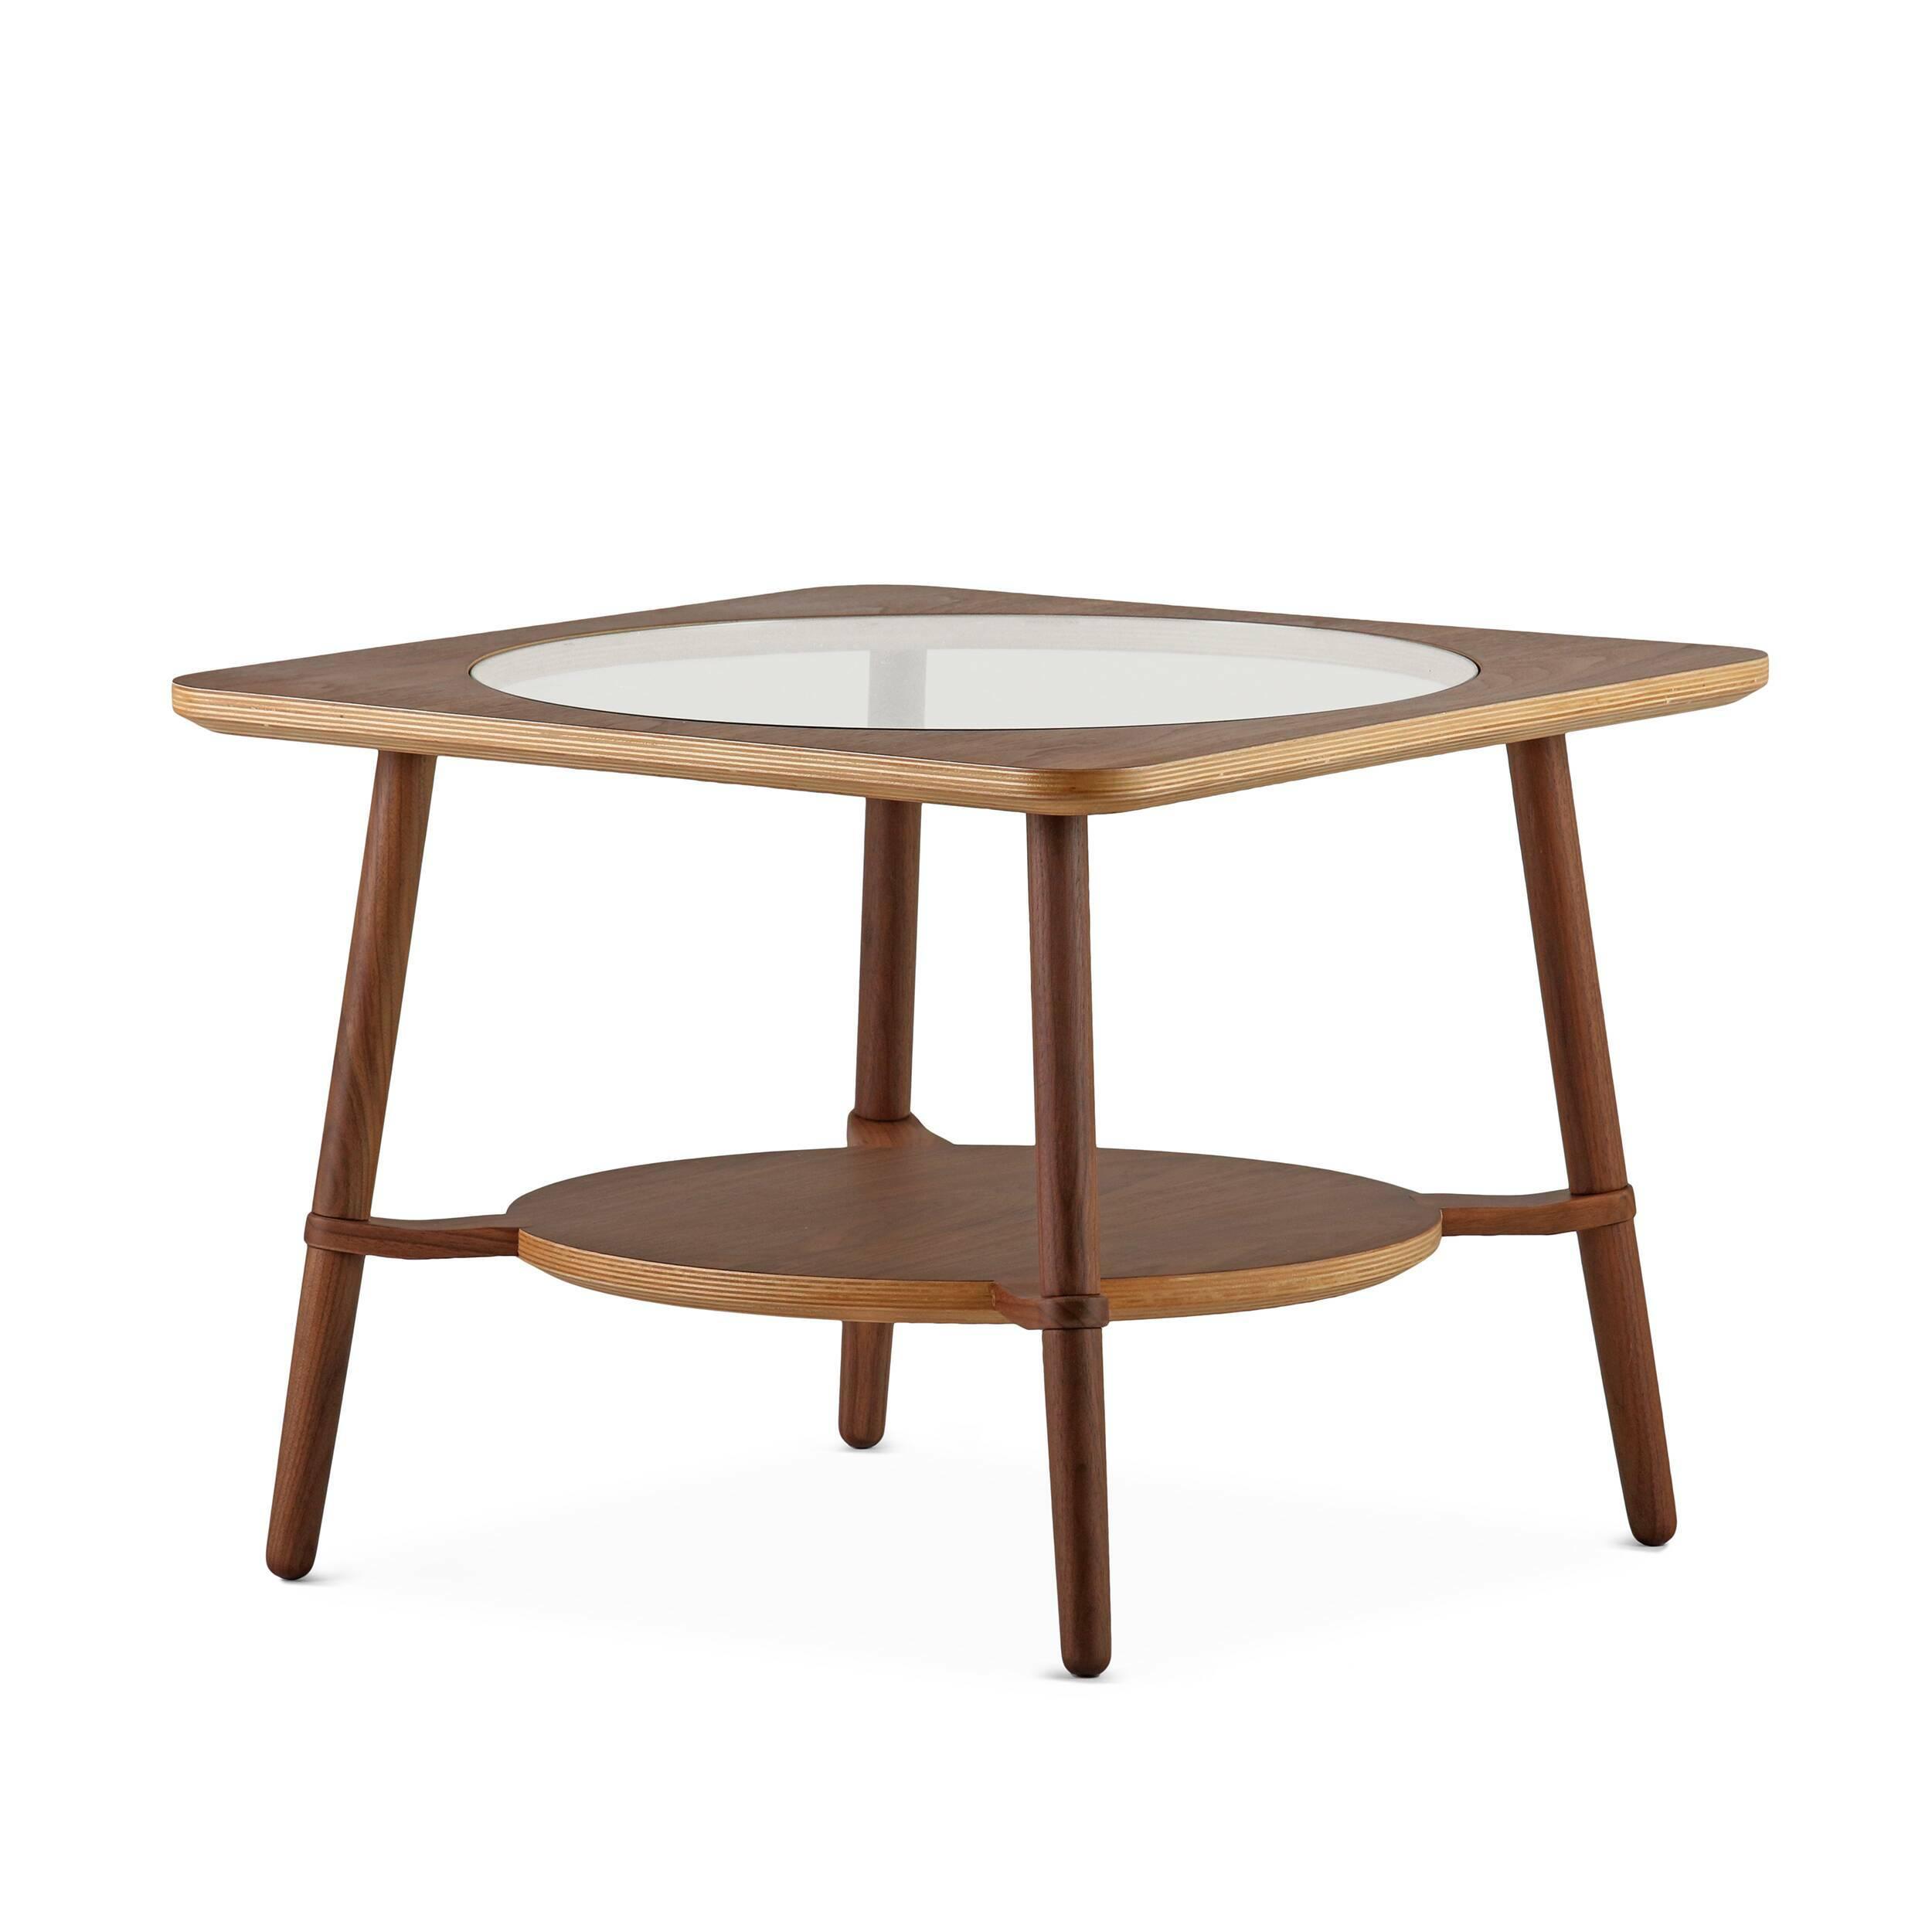 Кофейный стол  CutoutКофейные столики<br>Дизайнерский стильный кофейный стол Cutout (Катаут) с прозрачной столешницей от Cosmo (Космо).<br><br><br> Журнальный стол Cutout сконструировал американский дизайнер Шон Дикс. Мебель Шона Дикса минималистична и интеллектуальна, прекрасно обработана и очень функциональна. Она несет в себе чувство роскоши, которое отличает работы Шона от работ его коллег. <br><br><br> Иногда дизайнеры как дети, им хочется взяться за ножницы и клей и смастерить причудливое оригами или аппликацию. Так родилась и эта моде...<br><br>stock: 3<br>Высота: 45<br>Ширина: 60<br>Длина: 60<br>Цвет ножек: Орех американский<br>Цвет столешницы: Прозрачный<br>Материал каркаса: Фанера, шпон ореха<br>Материал ножек: Массив ореха<br>Тип материала каркаса: Фанера<br>Тип материала столешницы: Стекло закаленное<br>Тип материала ножек: Дерево<br>Цвет каркаса: Орех американский